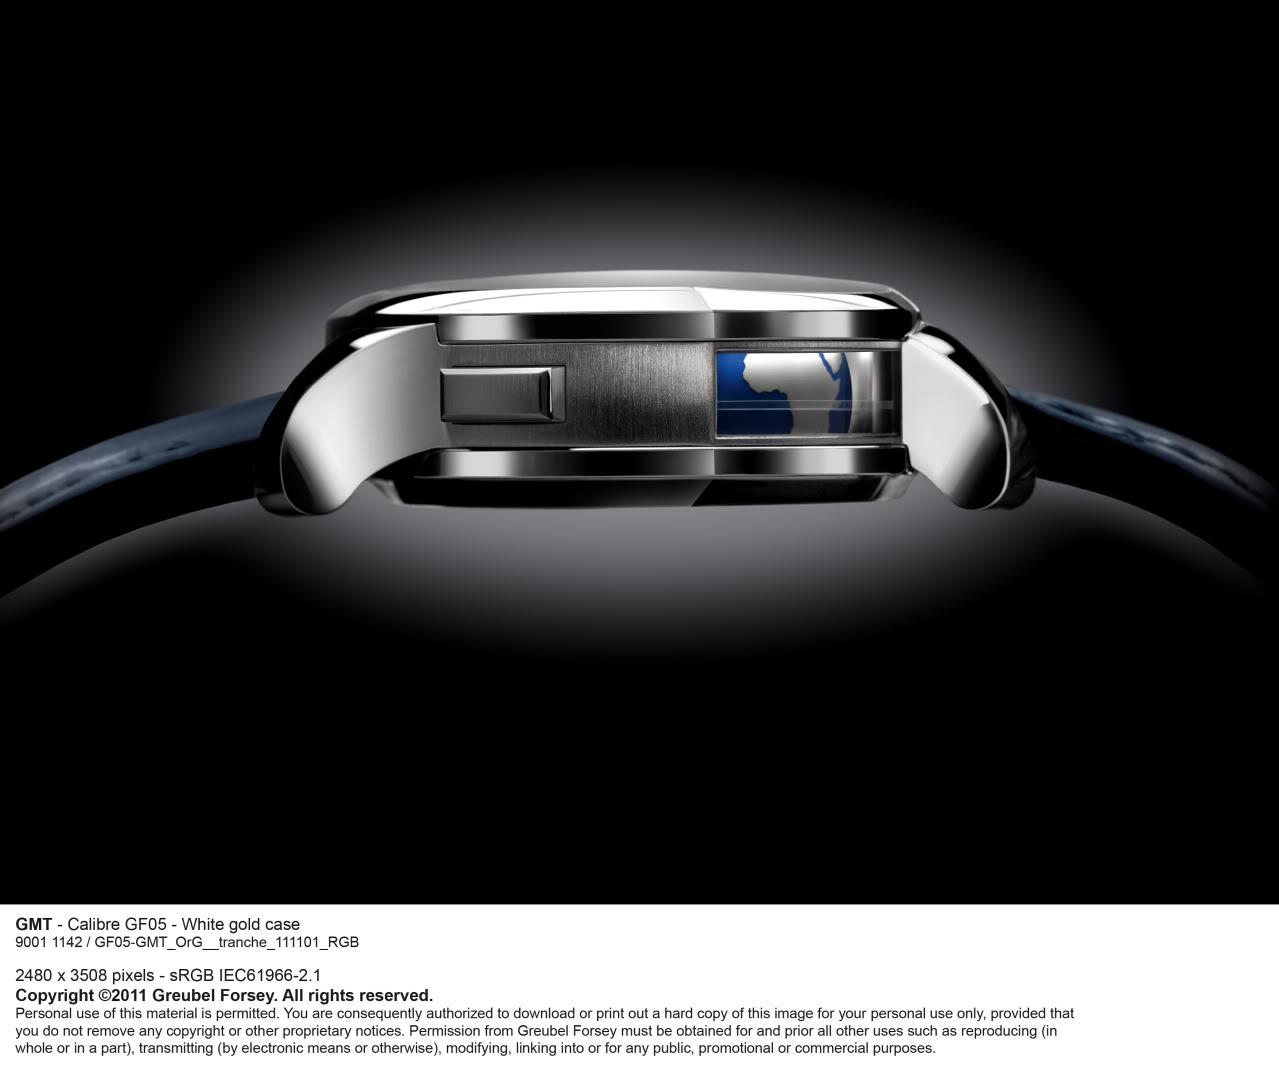 Un nouveau modèle chez Greubel Forsey, la GMT ! HRfn_GF05-GMT_OrG_tranche_111101_RGB